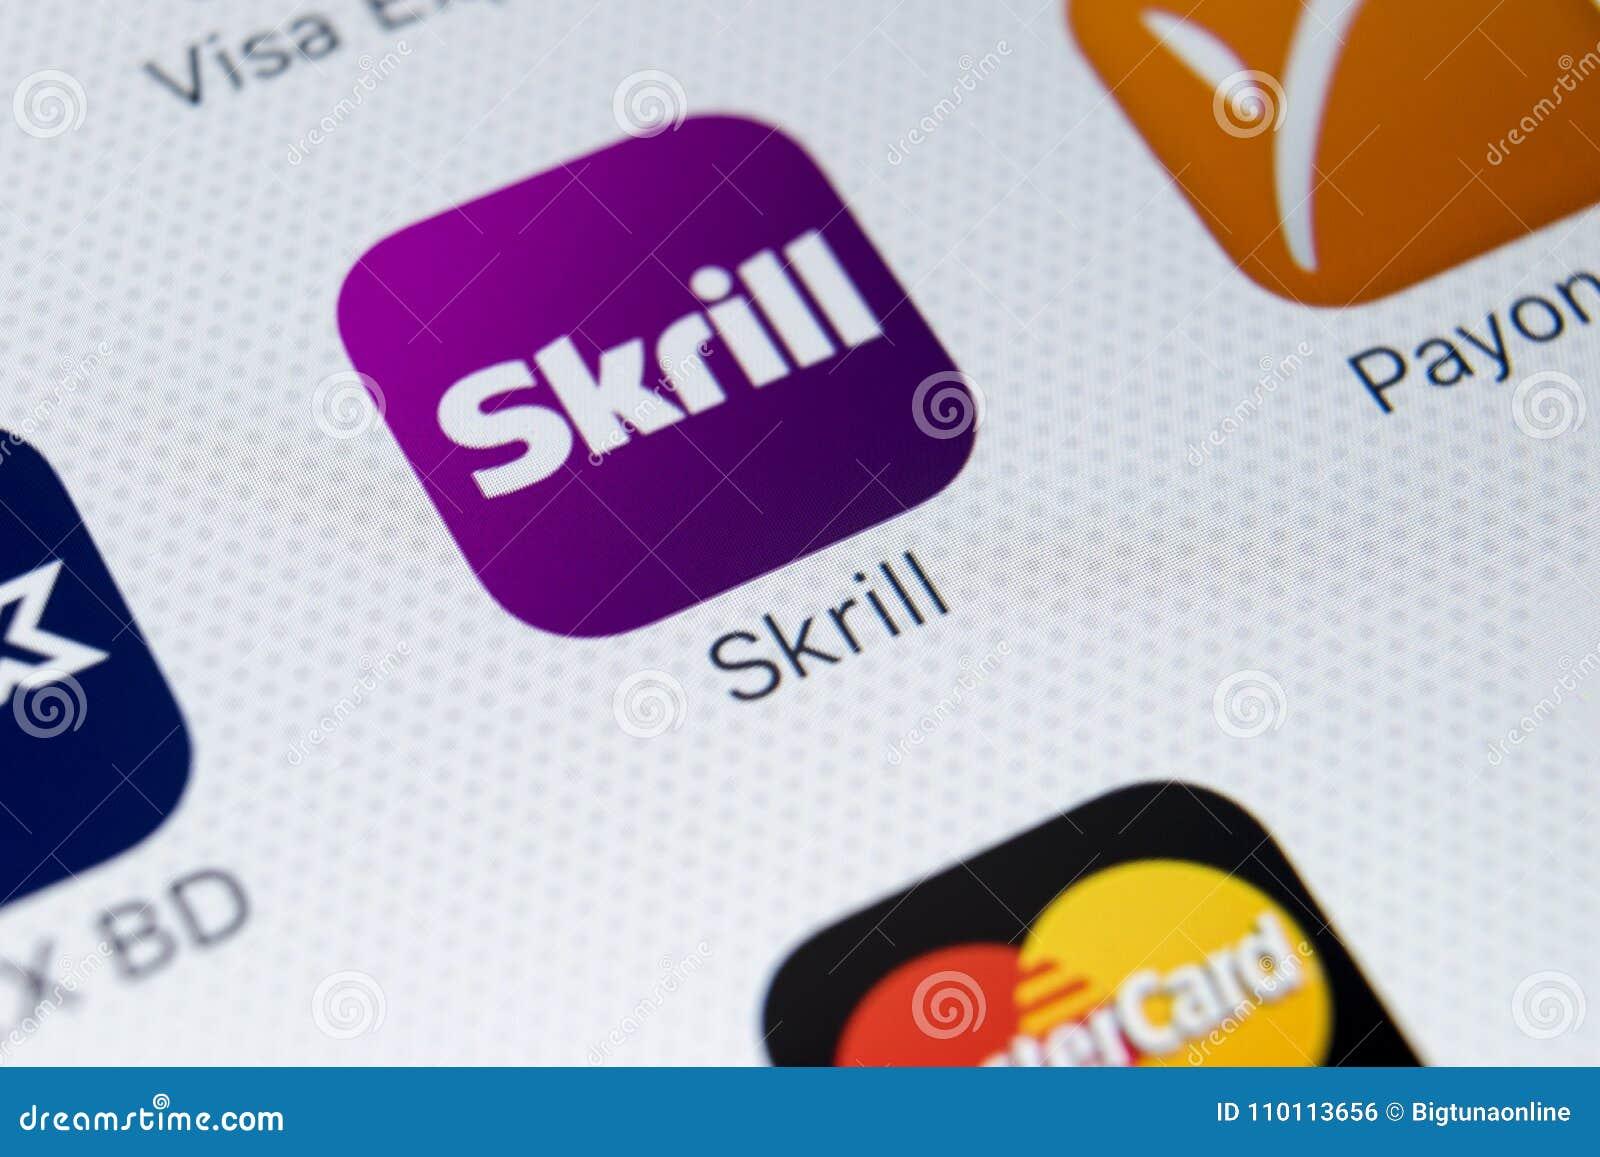 Download Skrill App